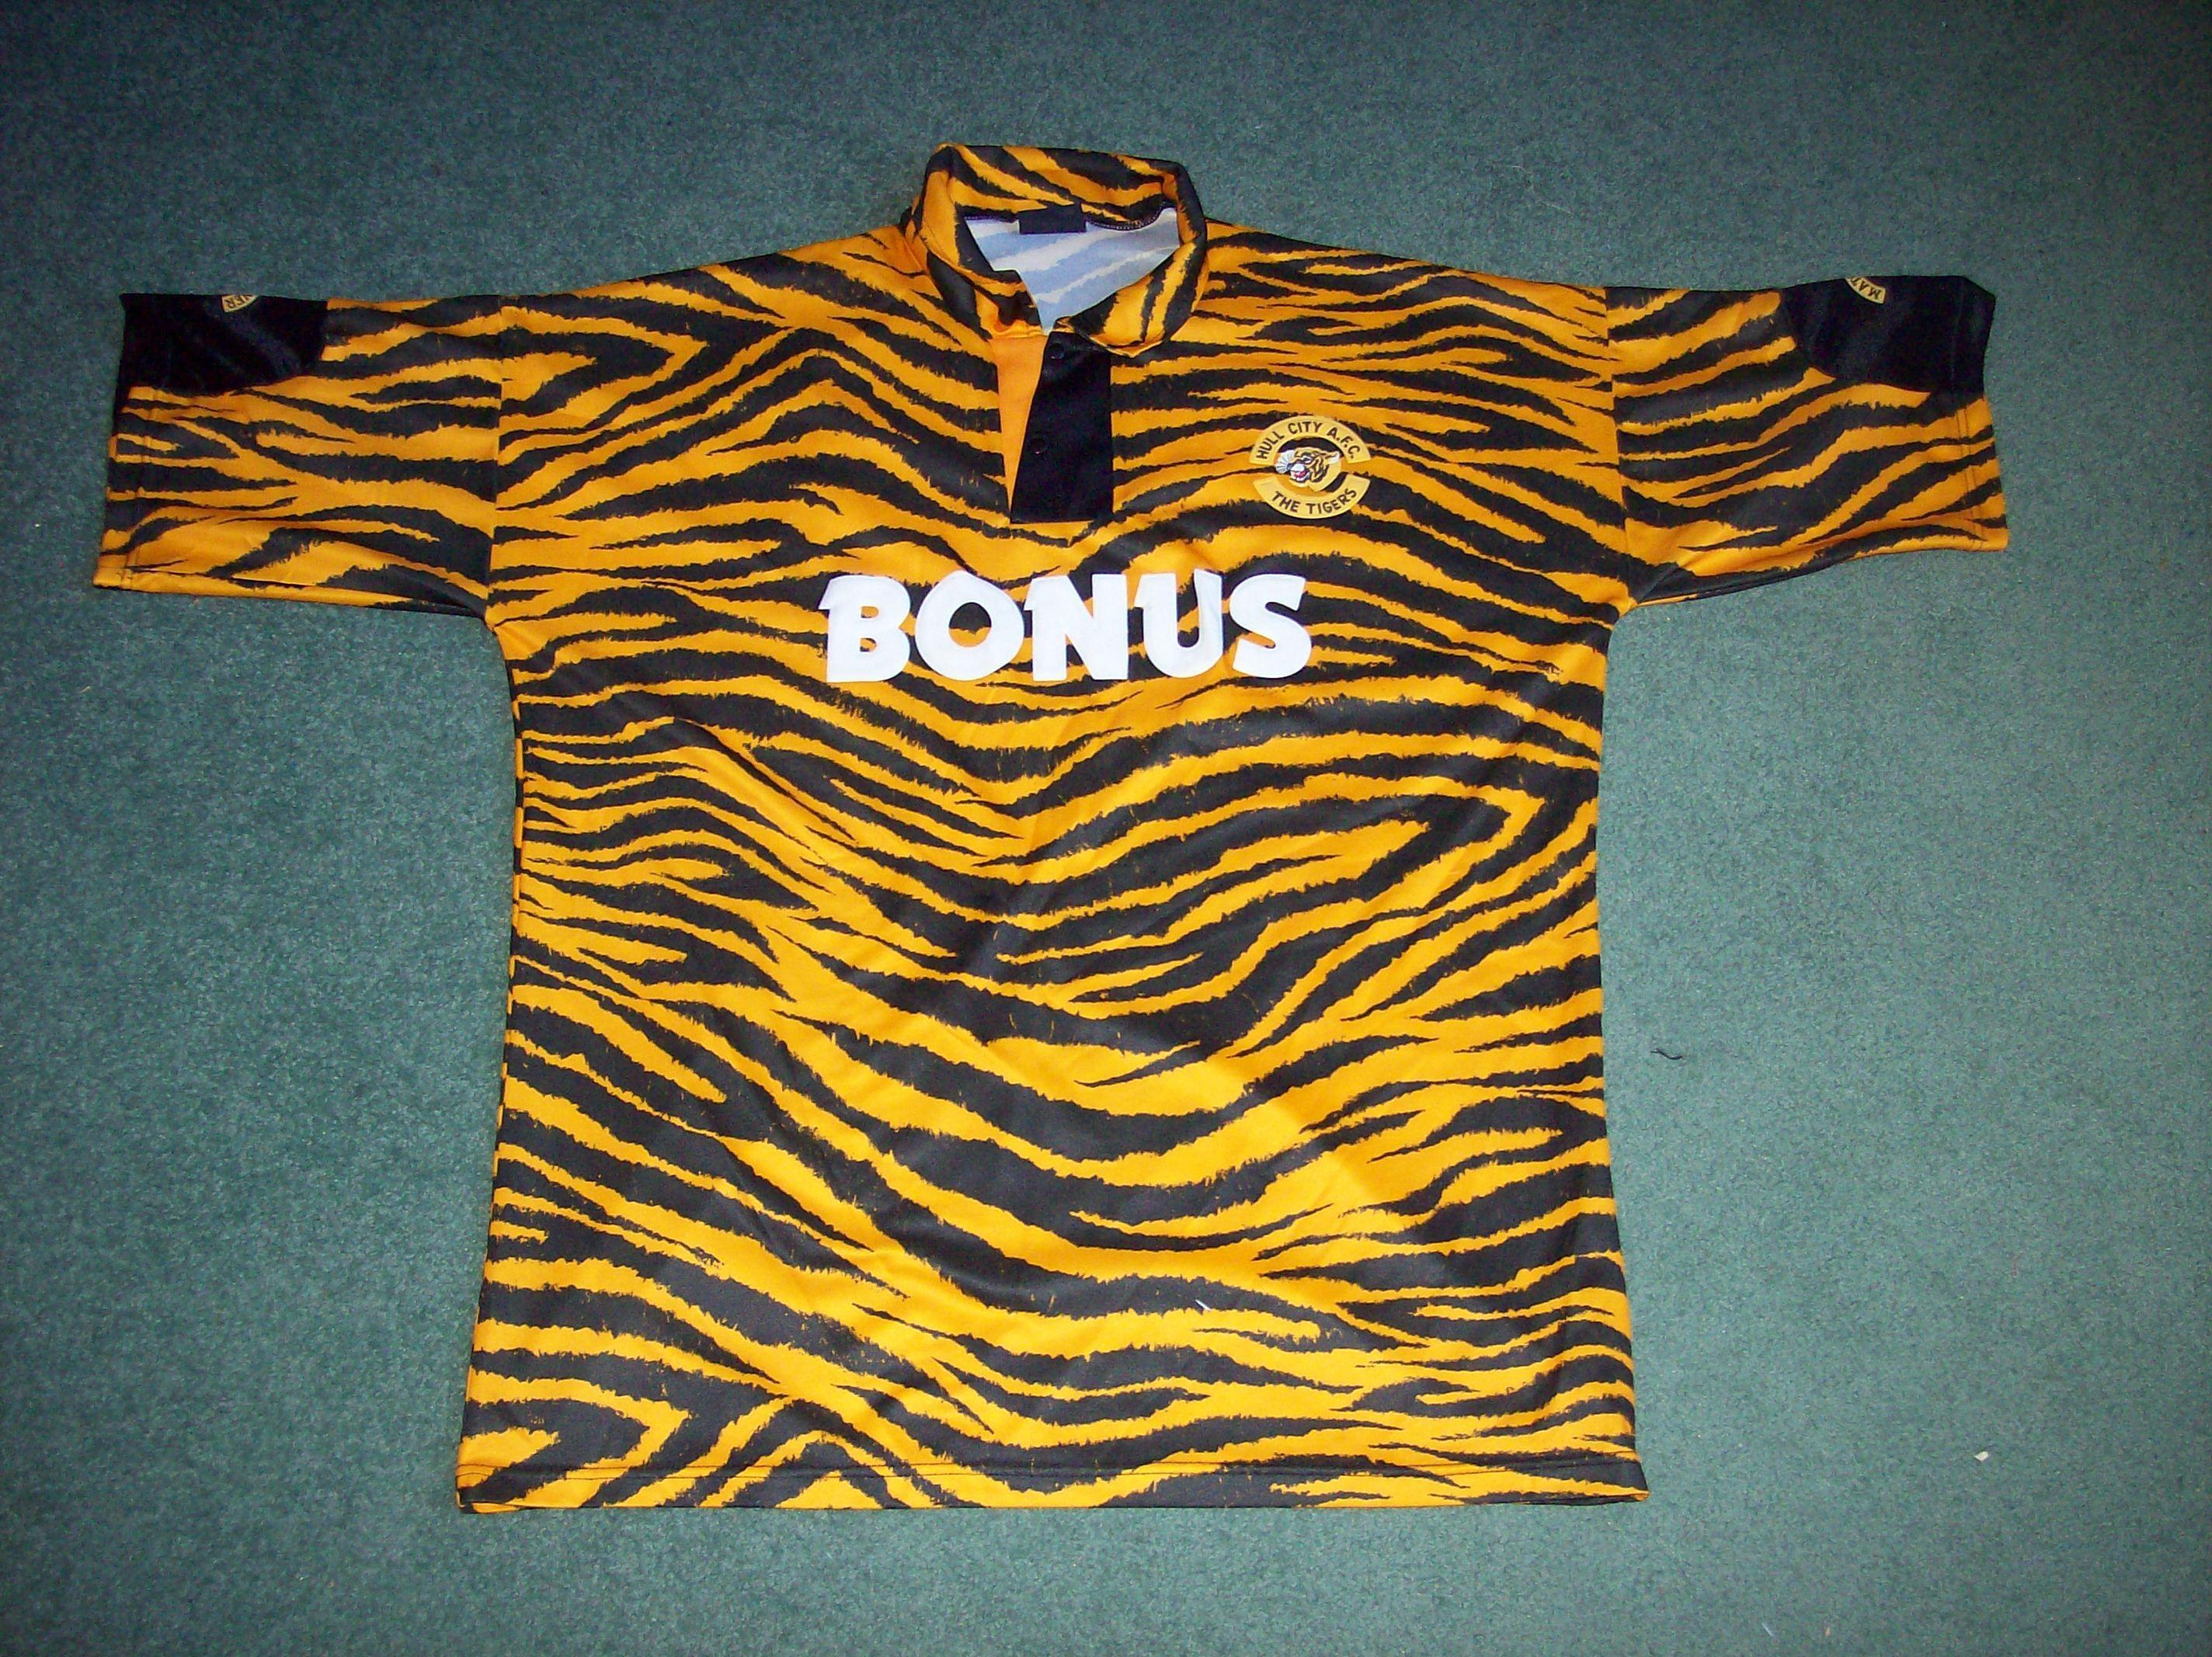 1992 1993 Hull City Tiger Print Football Shirt Top Adults XXL 46 48 ... c06d8cb3a